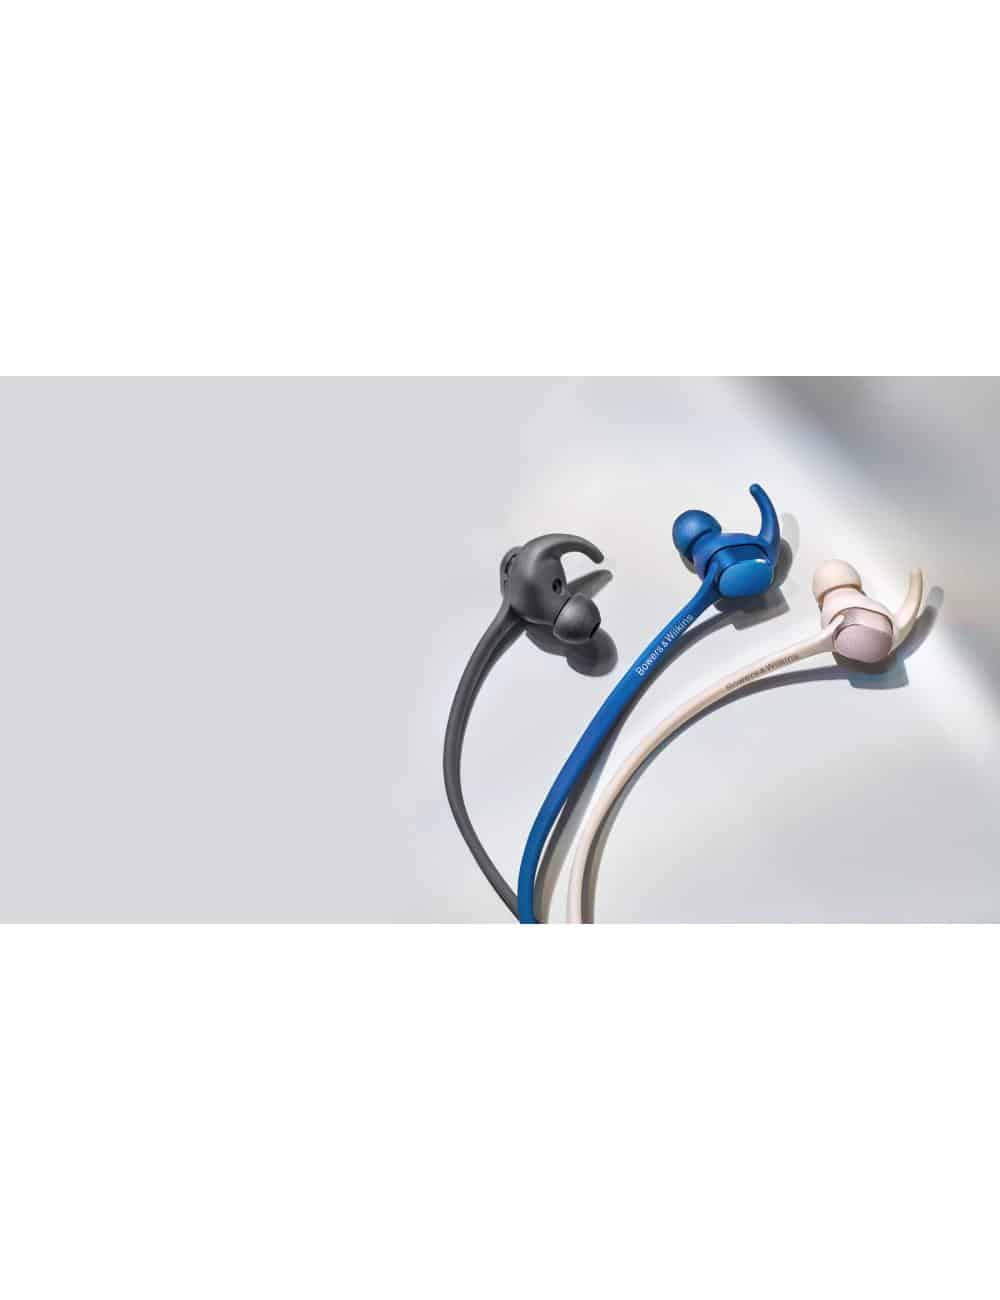 cuffie wireless senza fili Bluetooth, Bowers & Wilkins PI3, tutte le finiture